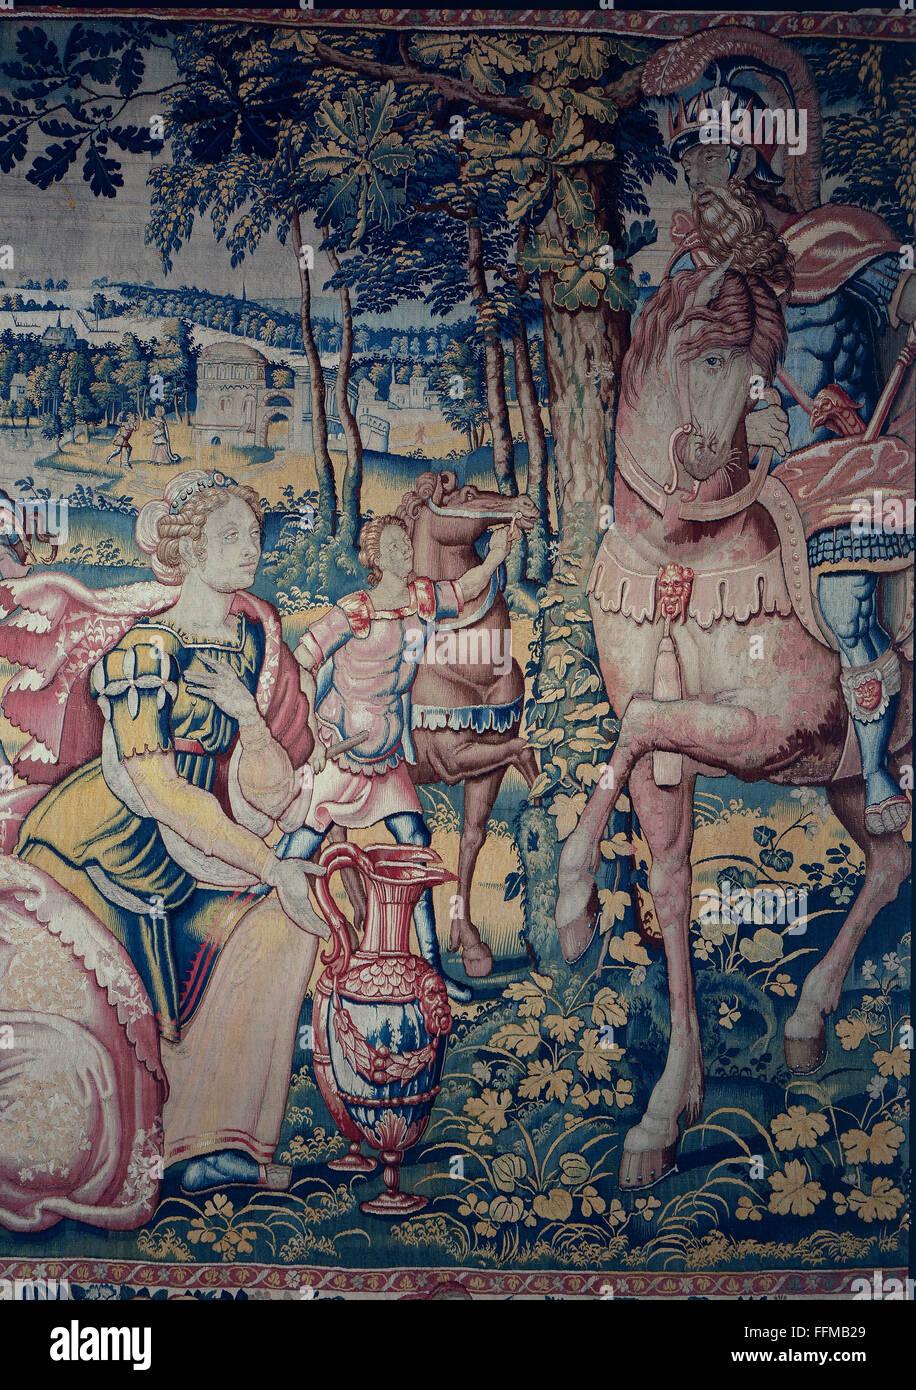 Abigail vor König David, Tapisserie, 16. Jahrhundert Stockbild